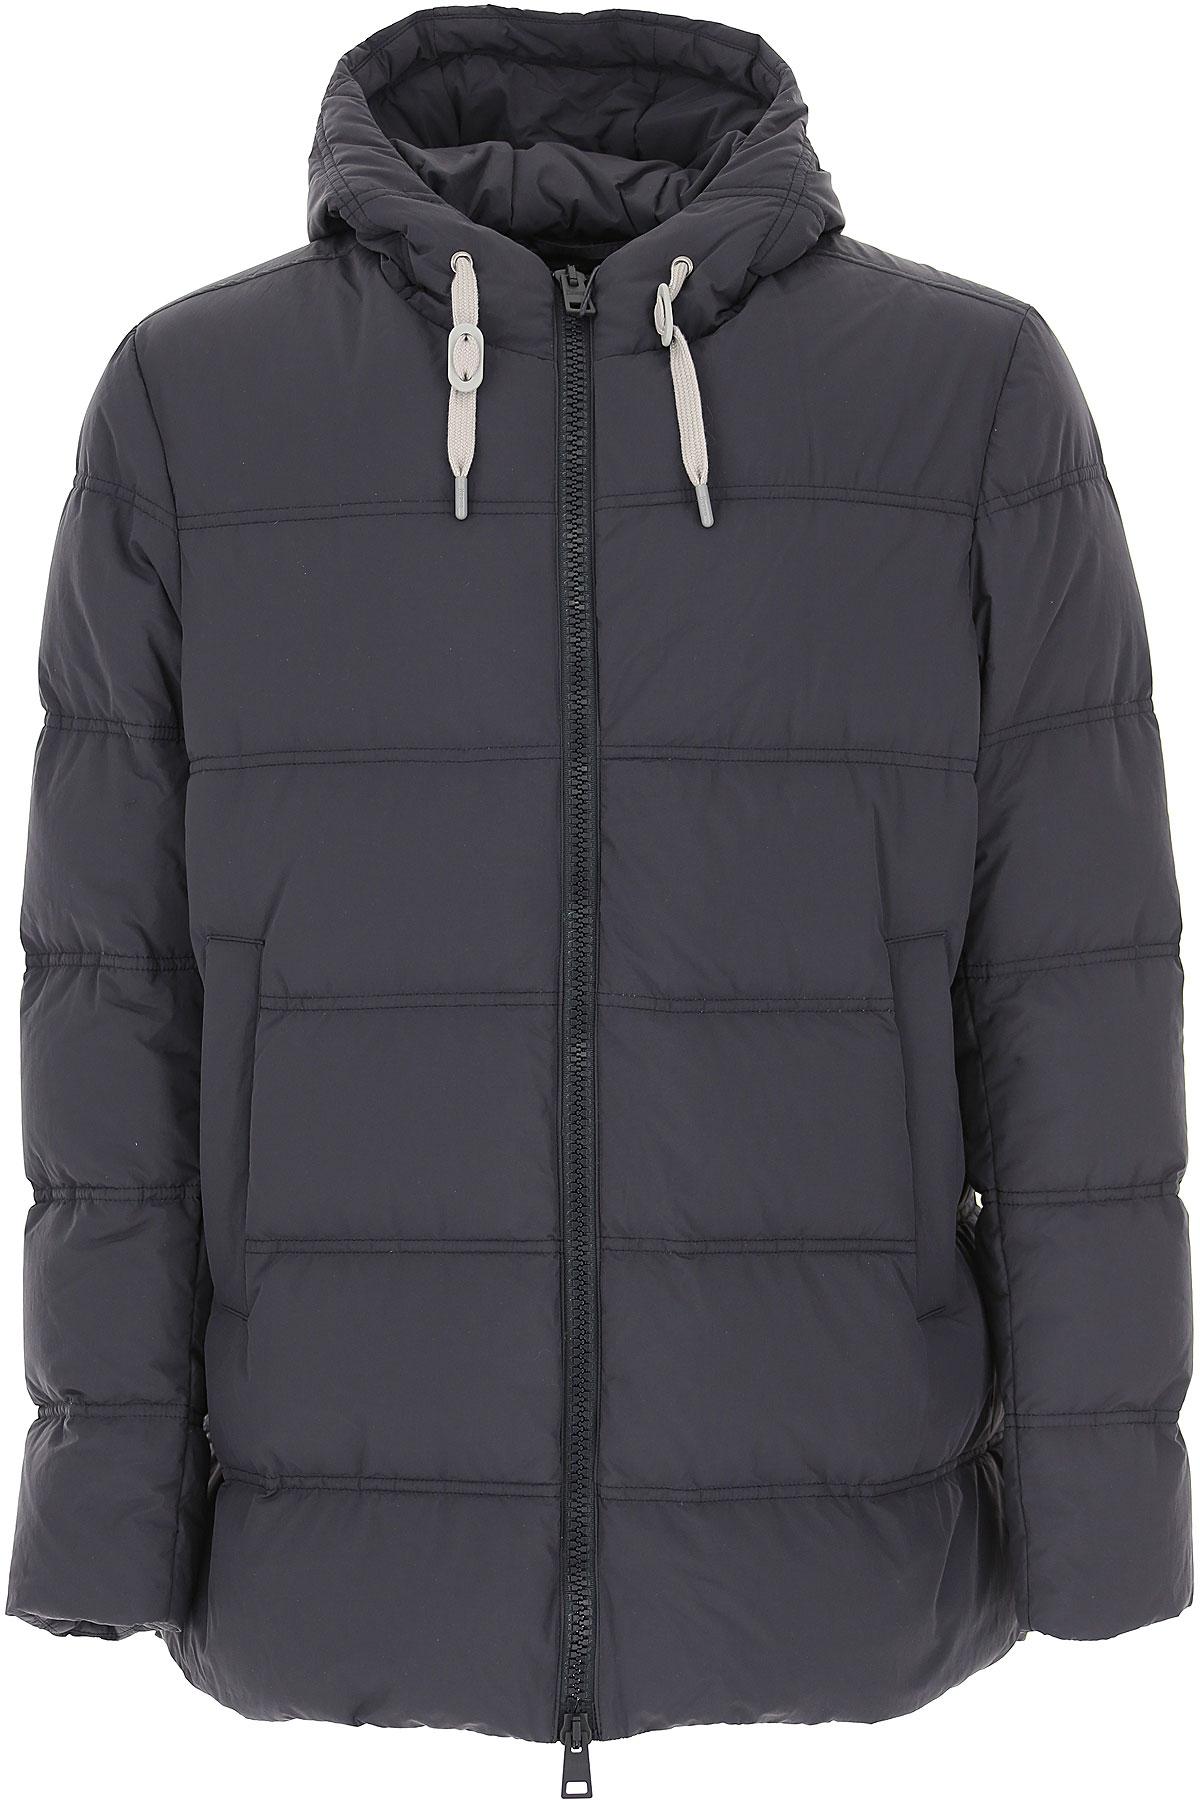 Herno Down Jacket for Men, Puffer Ski Jacket On Sale, Dark Ocean Blue, Down, 2019, L XL XXL